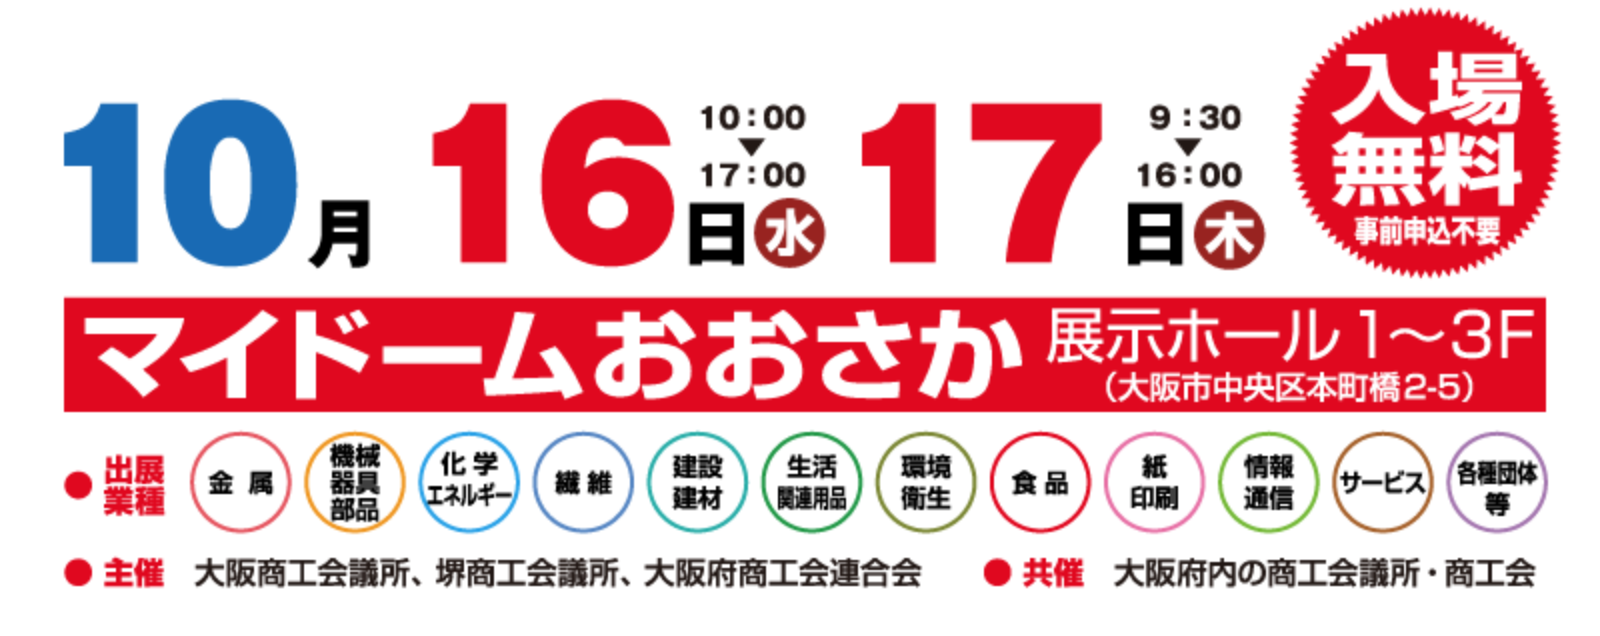 大阪勧業展2019(展示会)に出展します